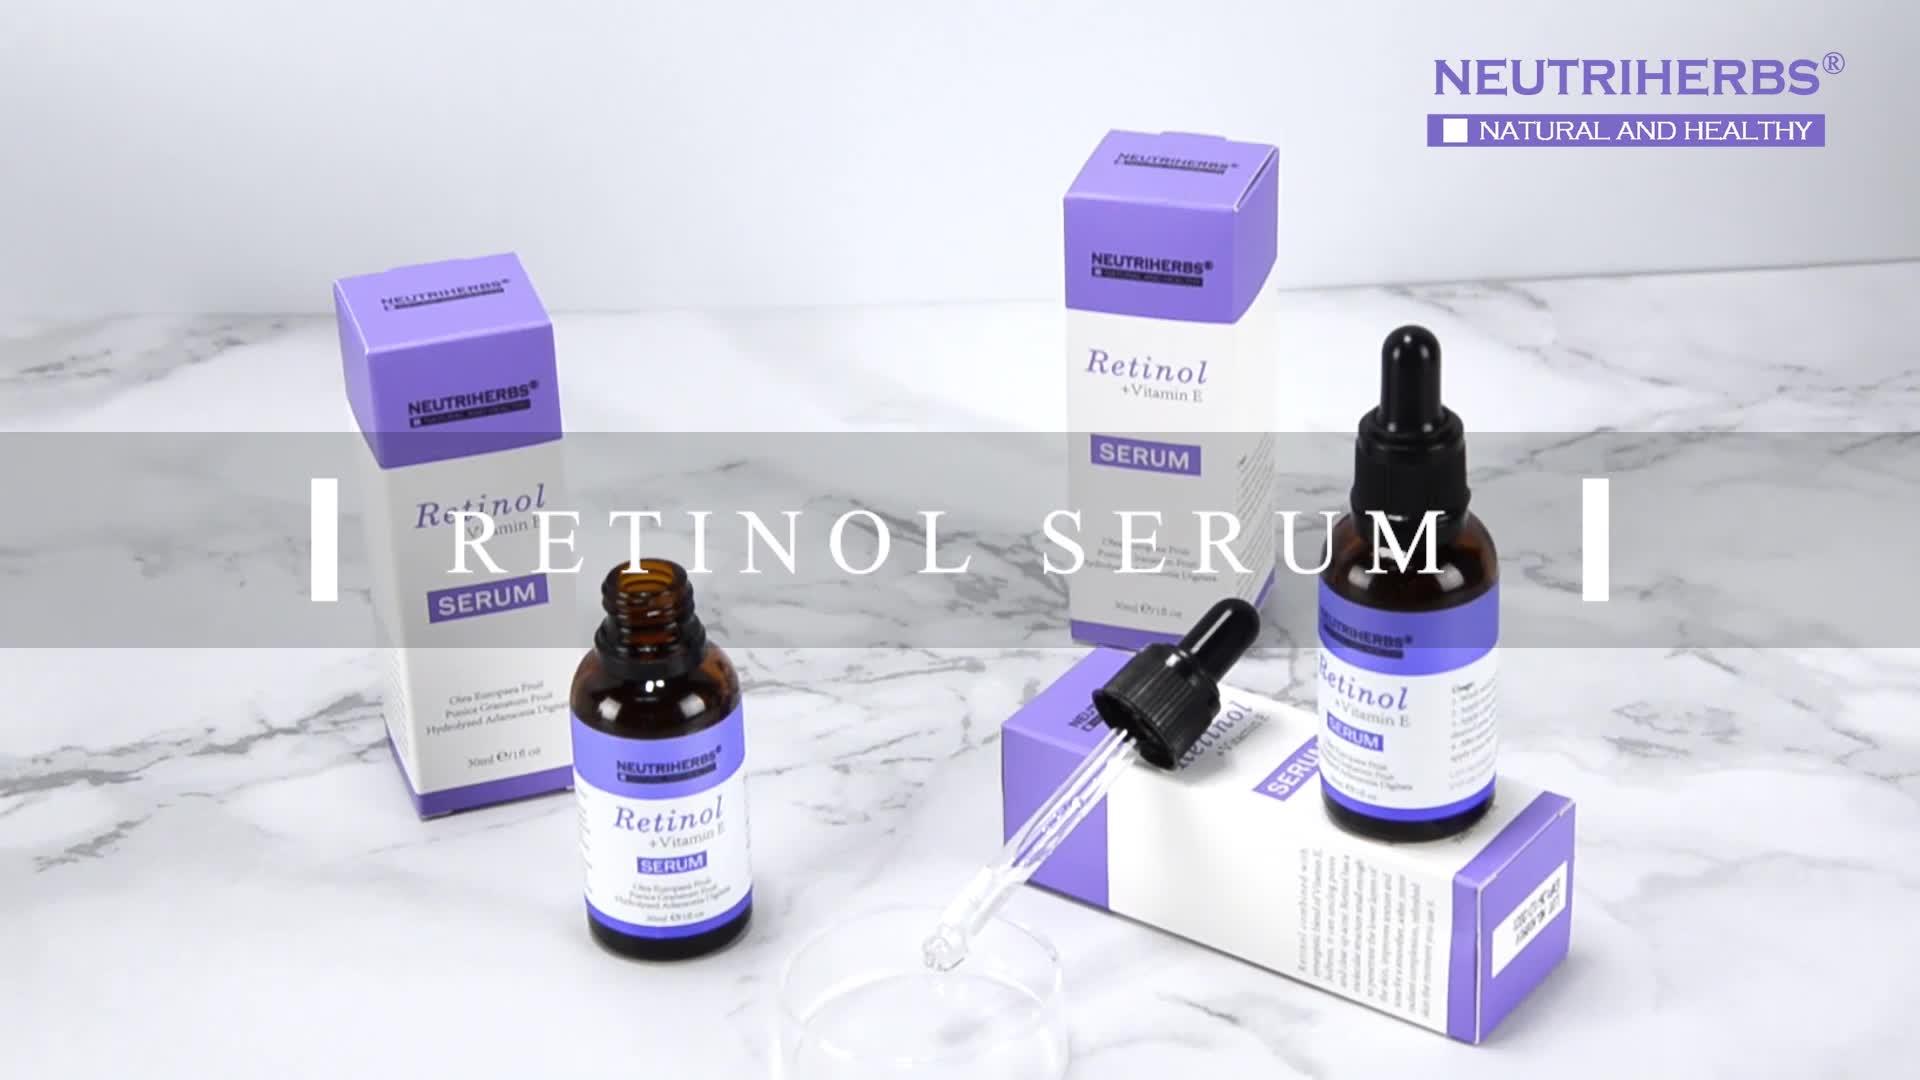 Best Anti Aging Product Neutriherbs Retinol Serum For Antioxidant VC,HA And Retino Seruml Kit